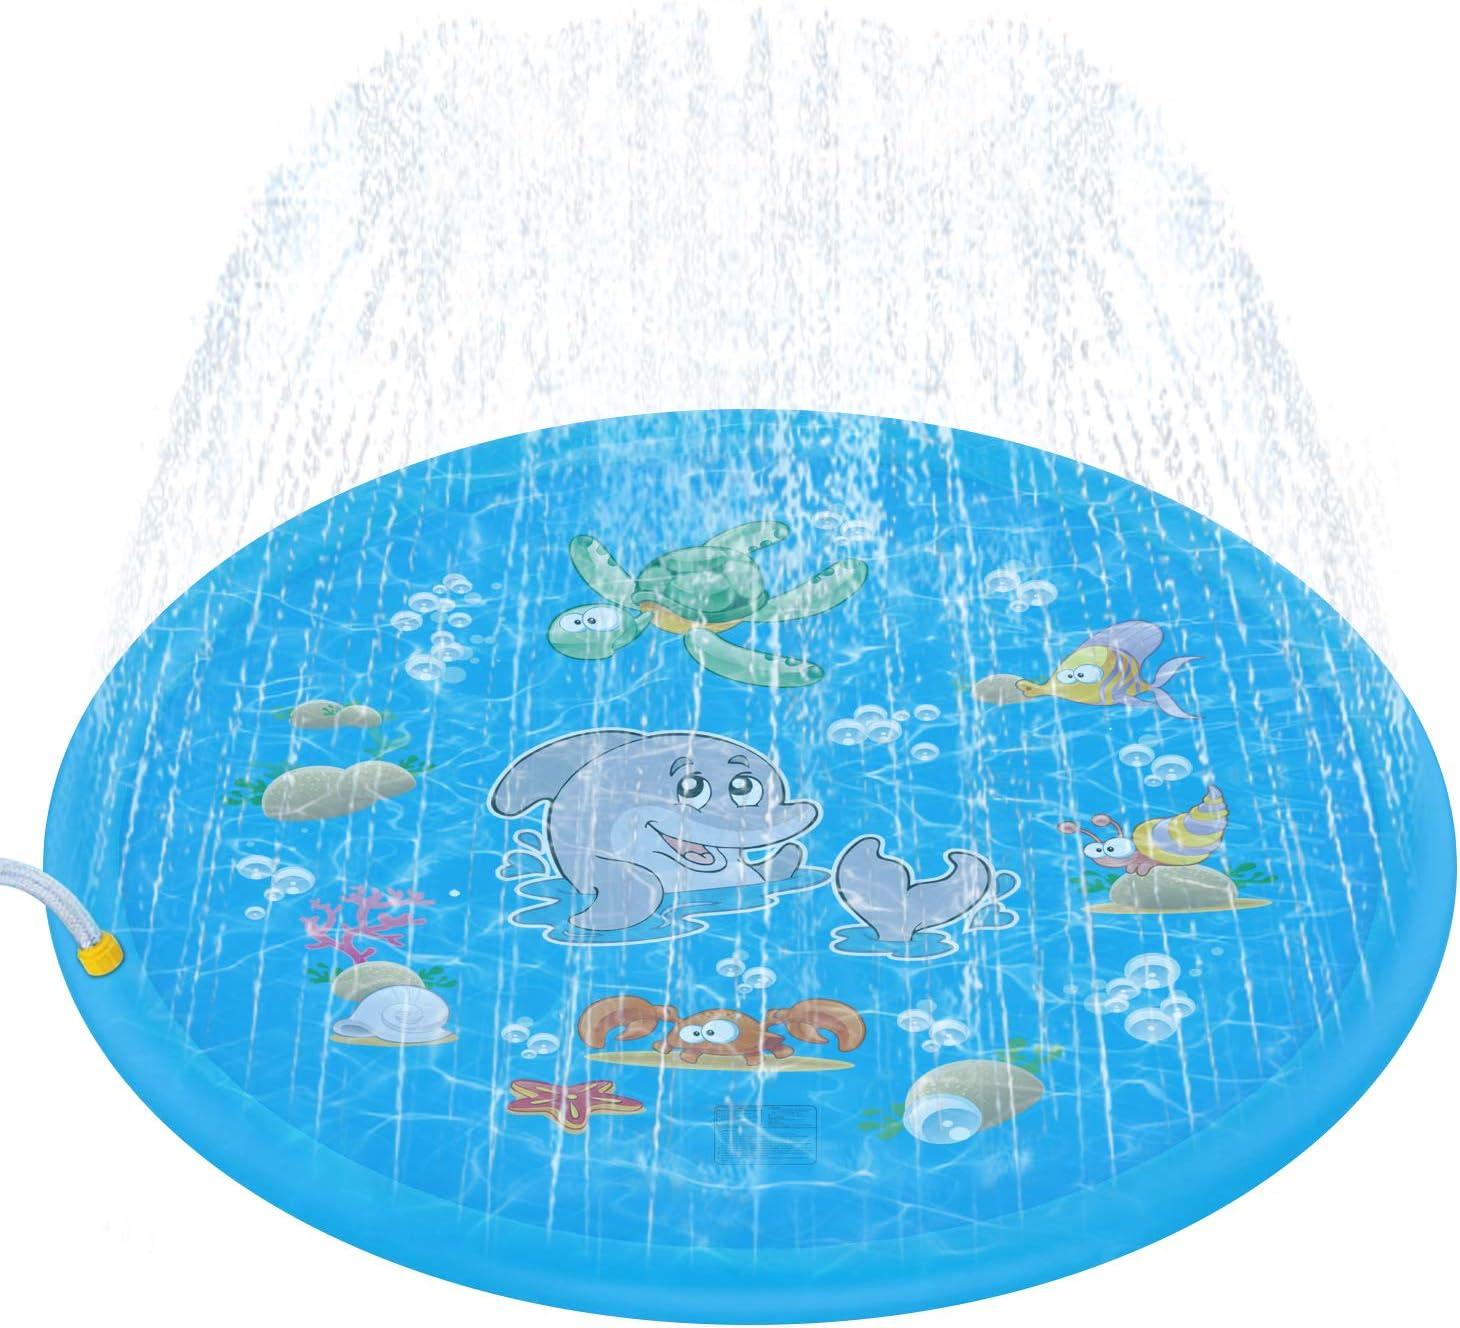 68 Sprinkler for Kids Pools for Kids Sprinkler /& Splash Play Mat for Boys Girls Babies Age 1-12 Summer Outdoor Toys for Toddlers PROLIFE Splash Pad for Kids